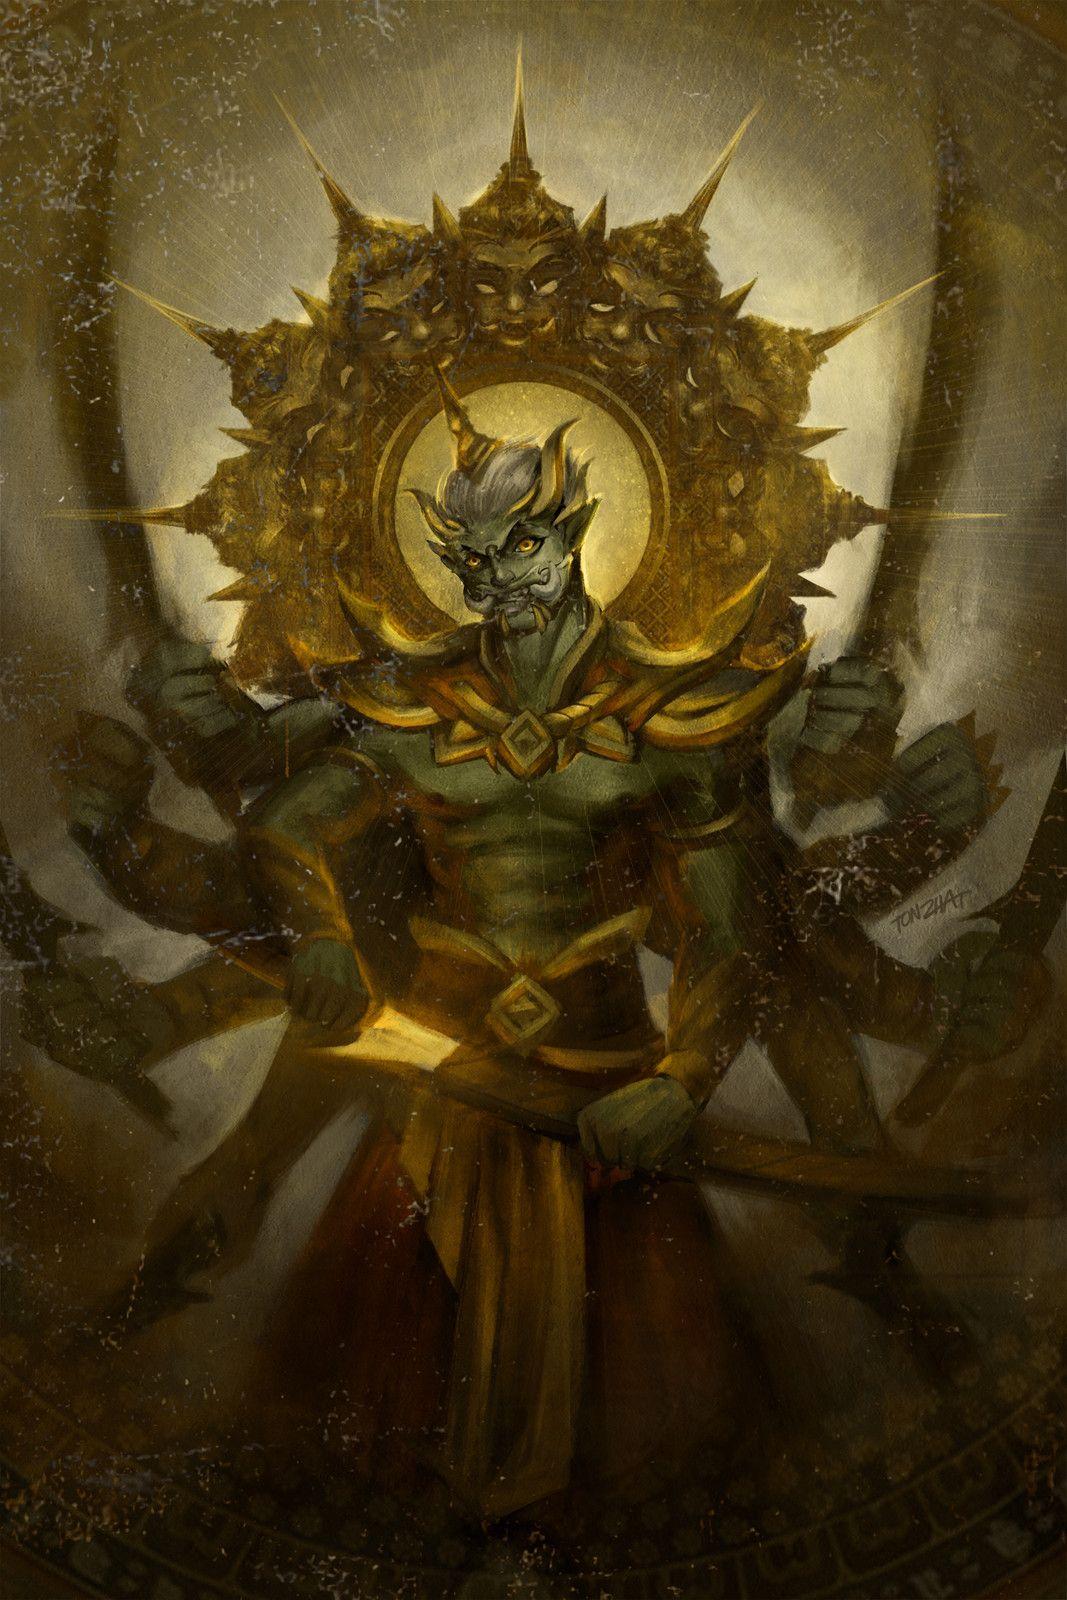 Pin by ดู เพลิน เพลิน on Demon king, King drawing